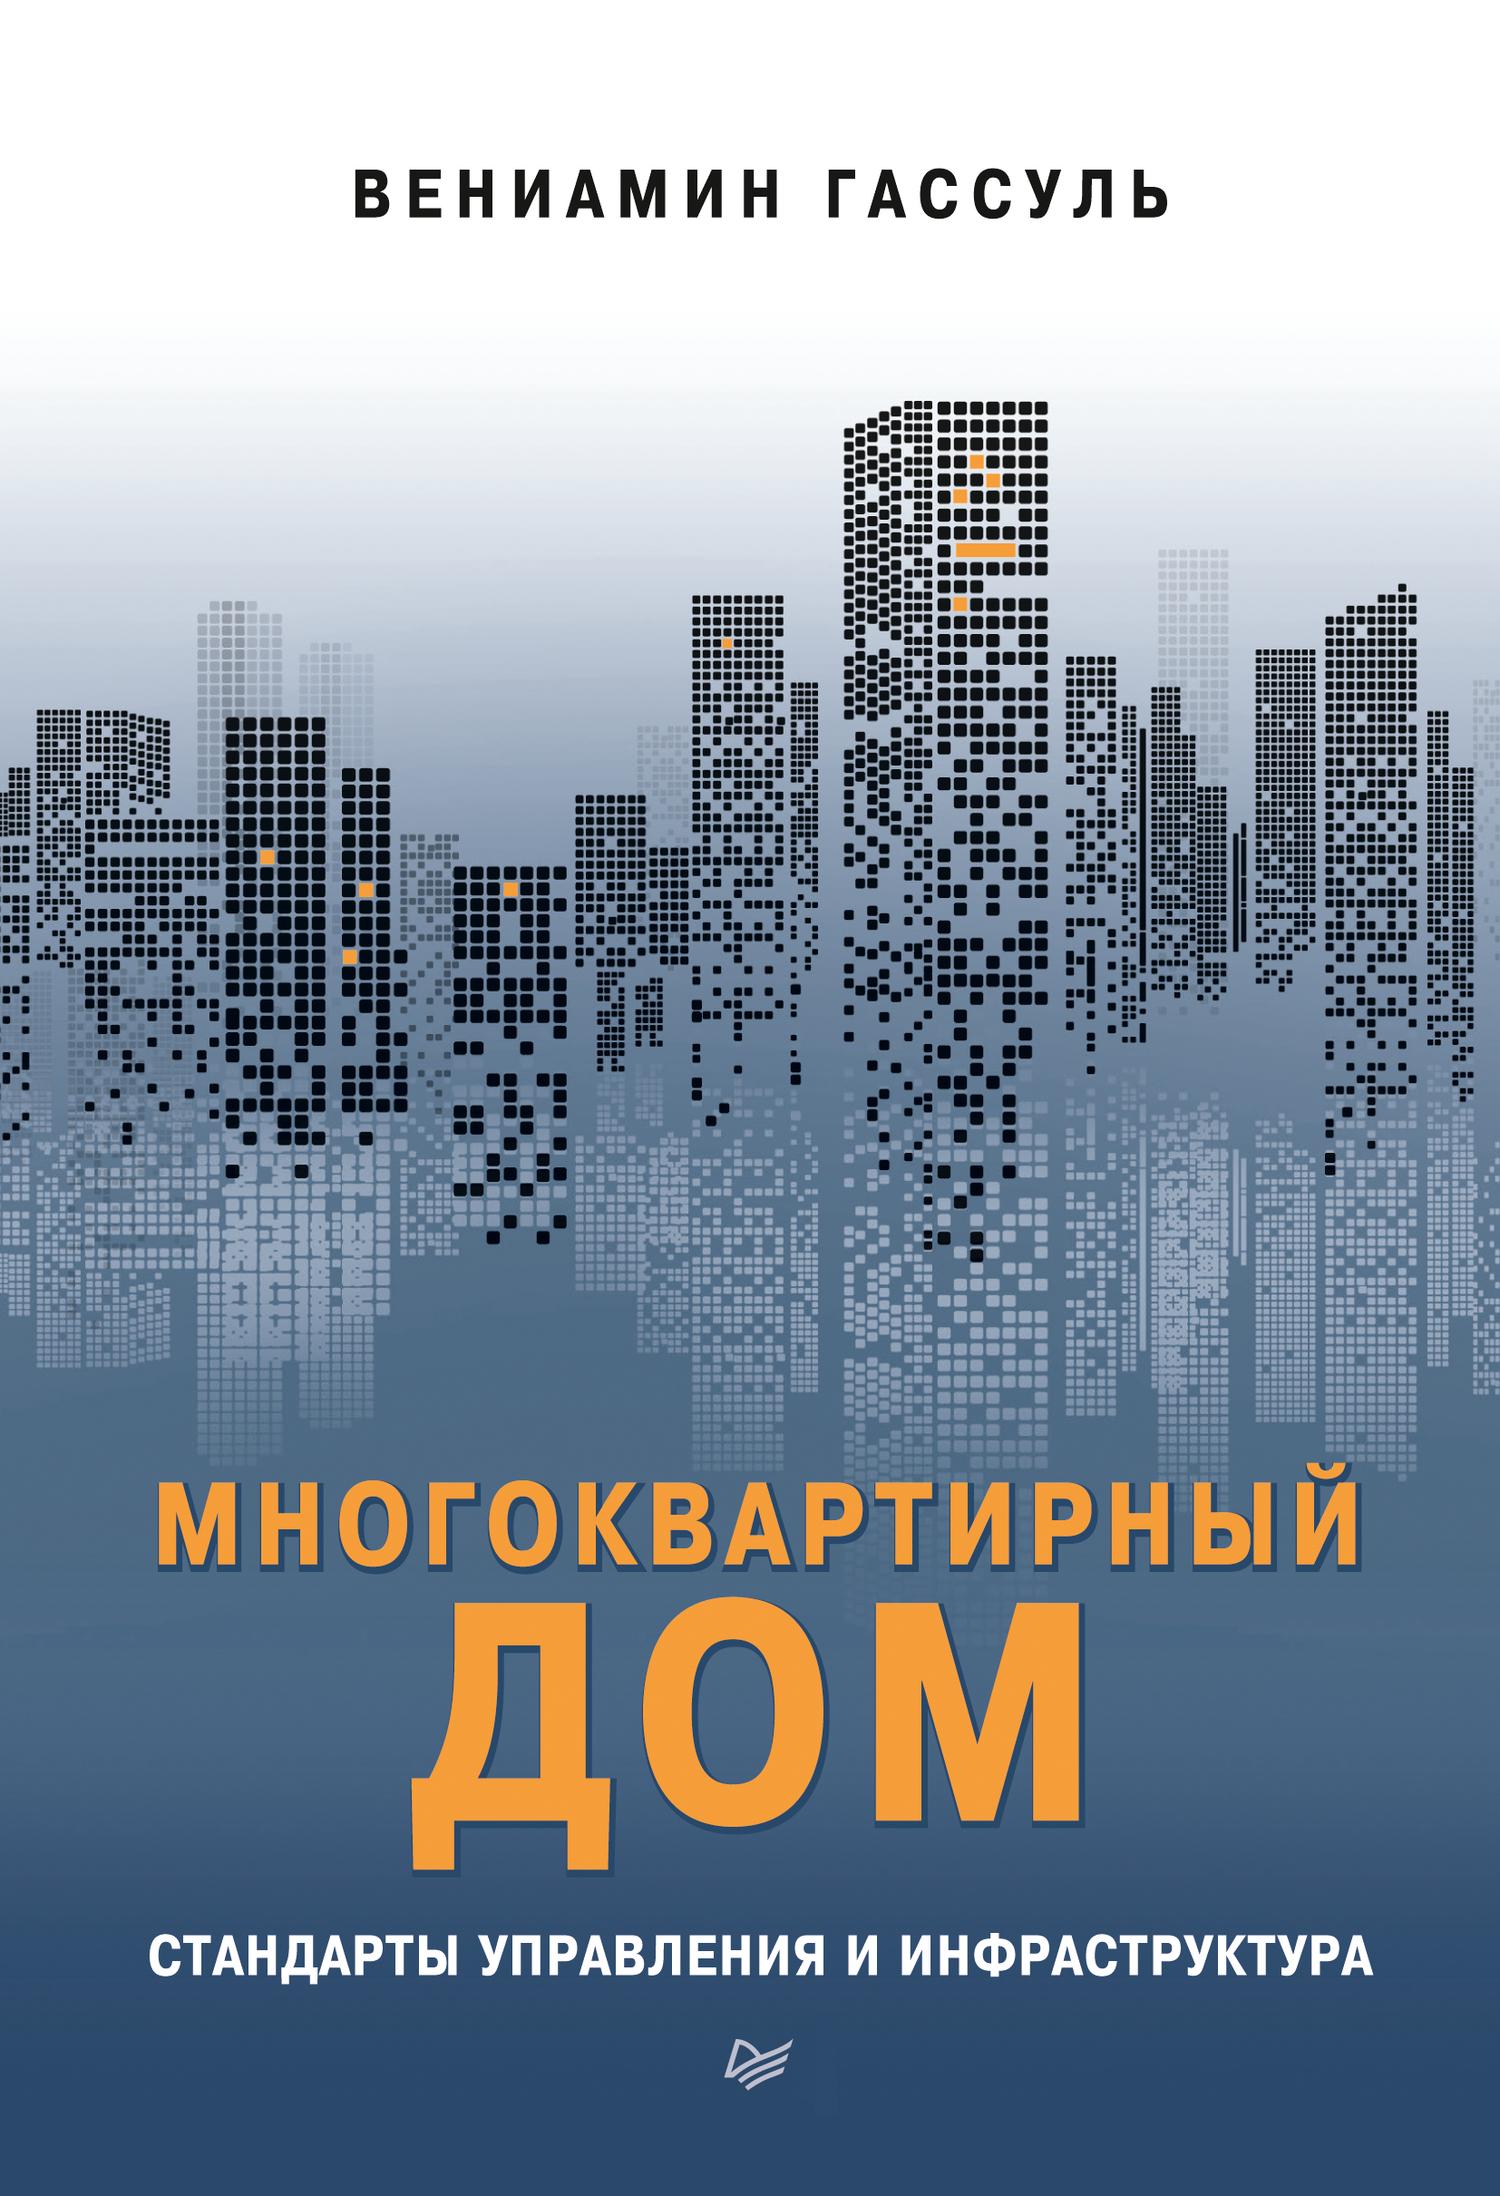 Вениамин Гассуль. Многоквартирный дом: стандарты управления и инфраструктура